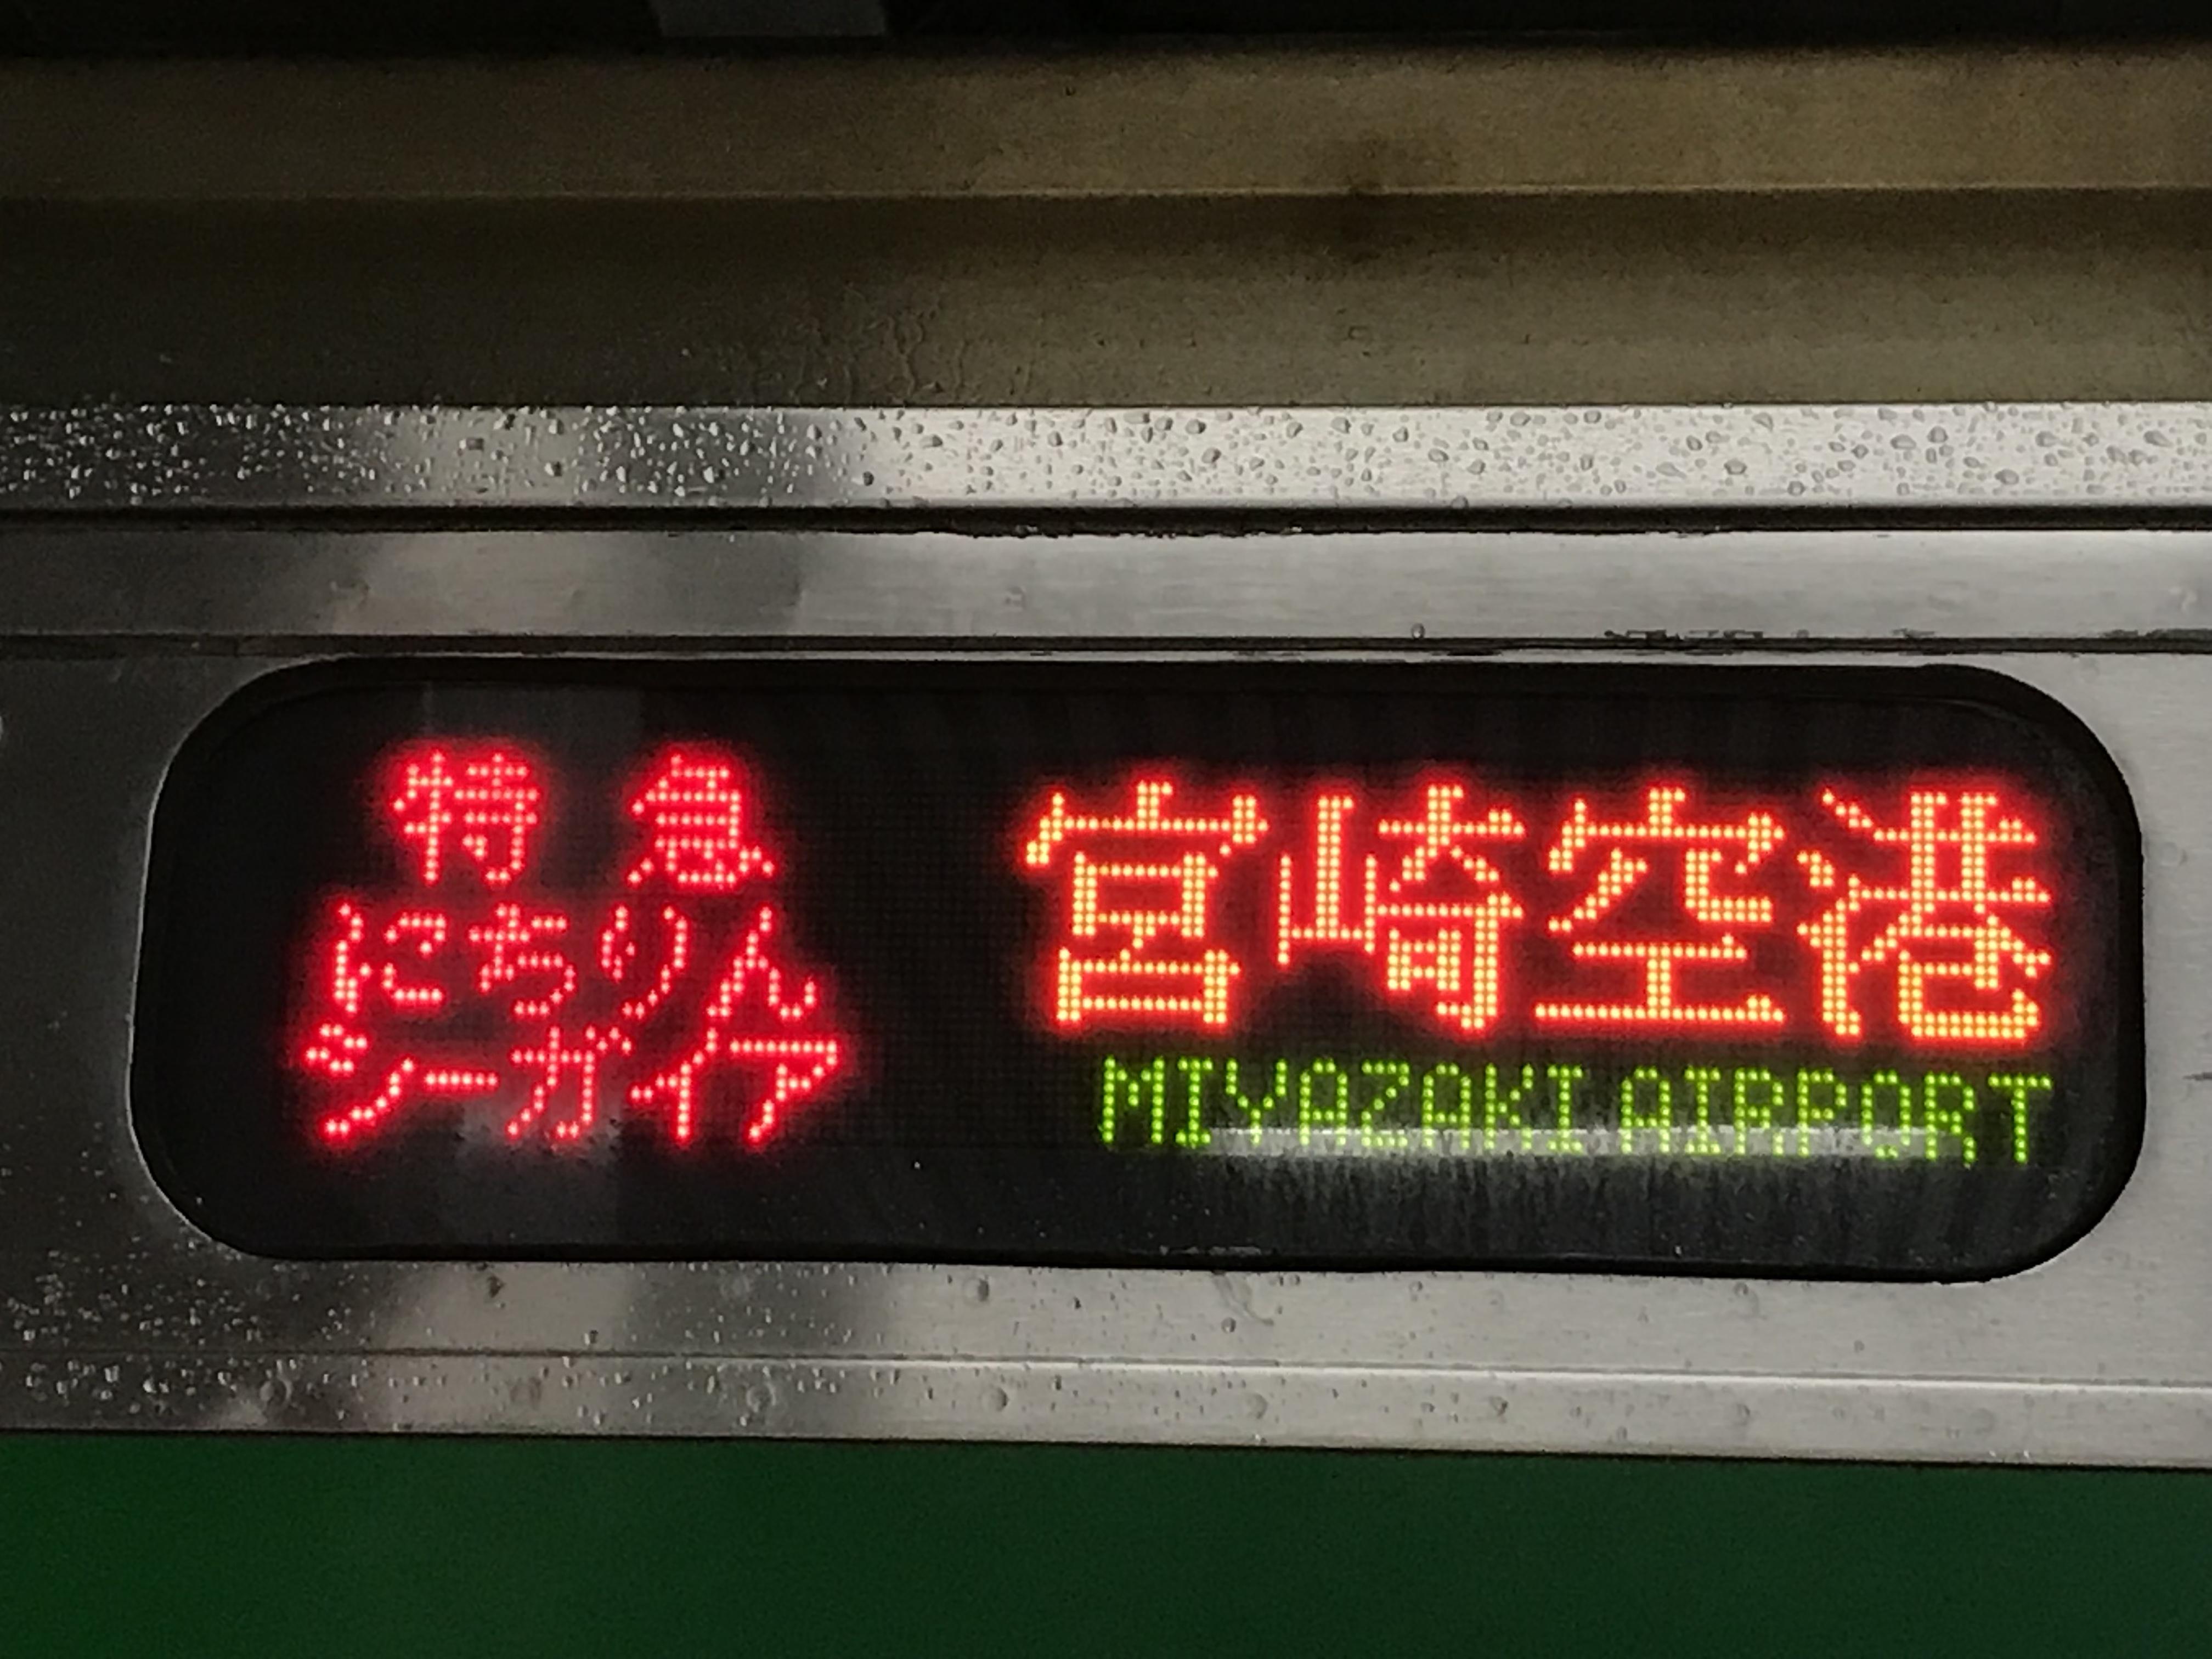 クリスマスツアー 【直行だけど遅い?!にちりんシーガイア号に乗車!】